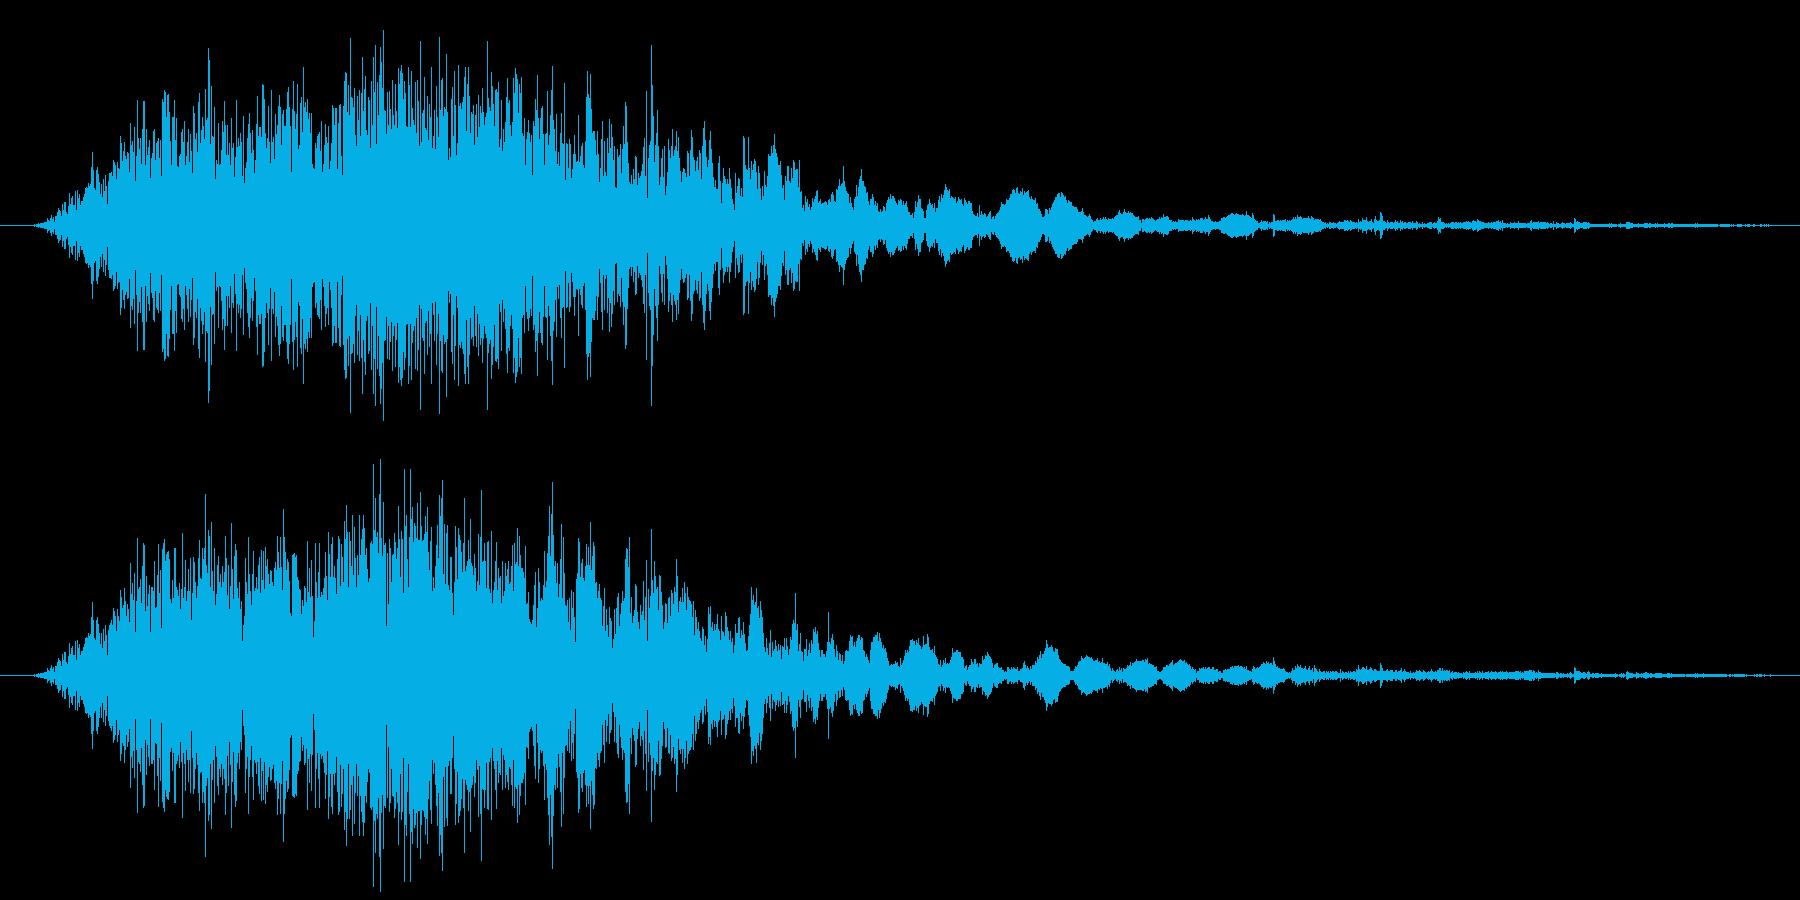 斬撃音(刀や剣で斬る/刺す効果音)07の再生済みの波形